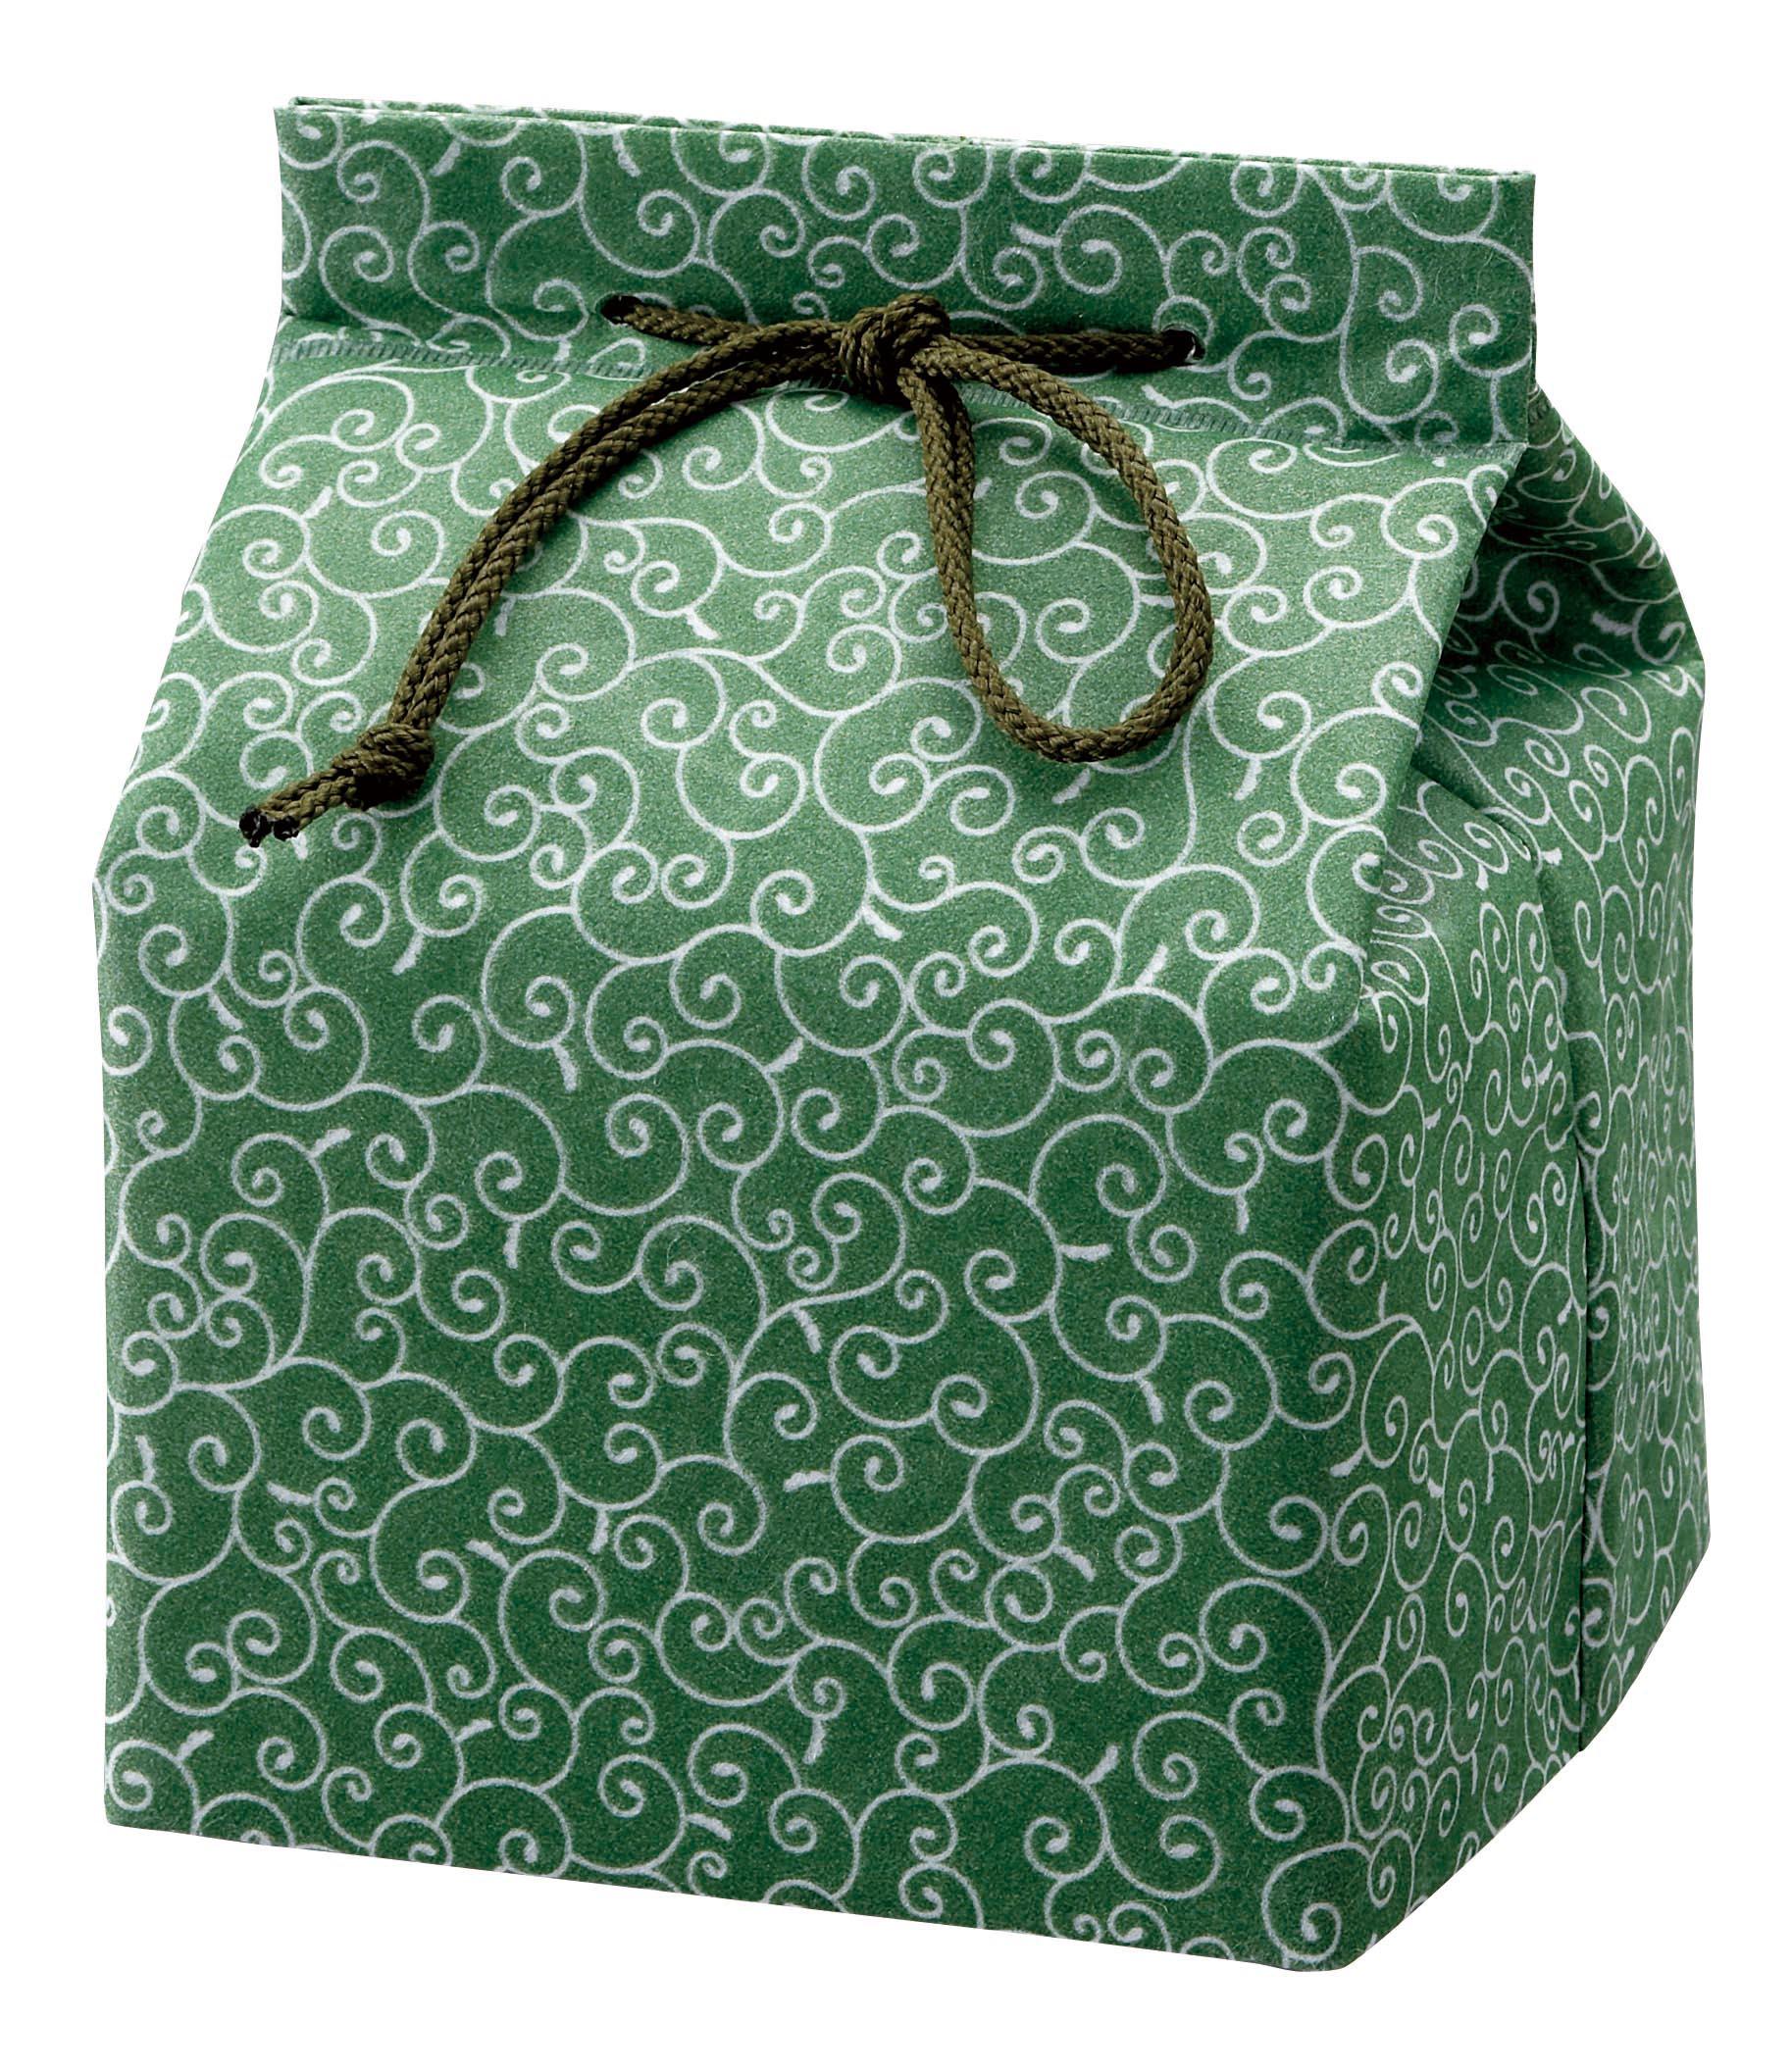 信玄袋「唐草」緑